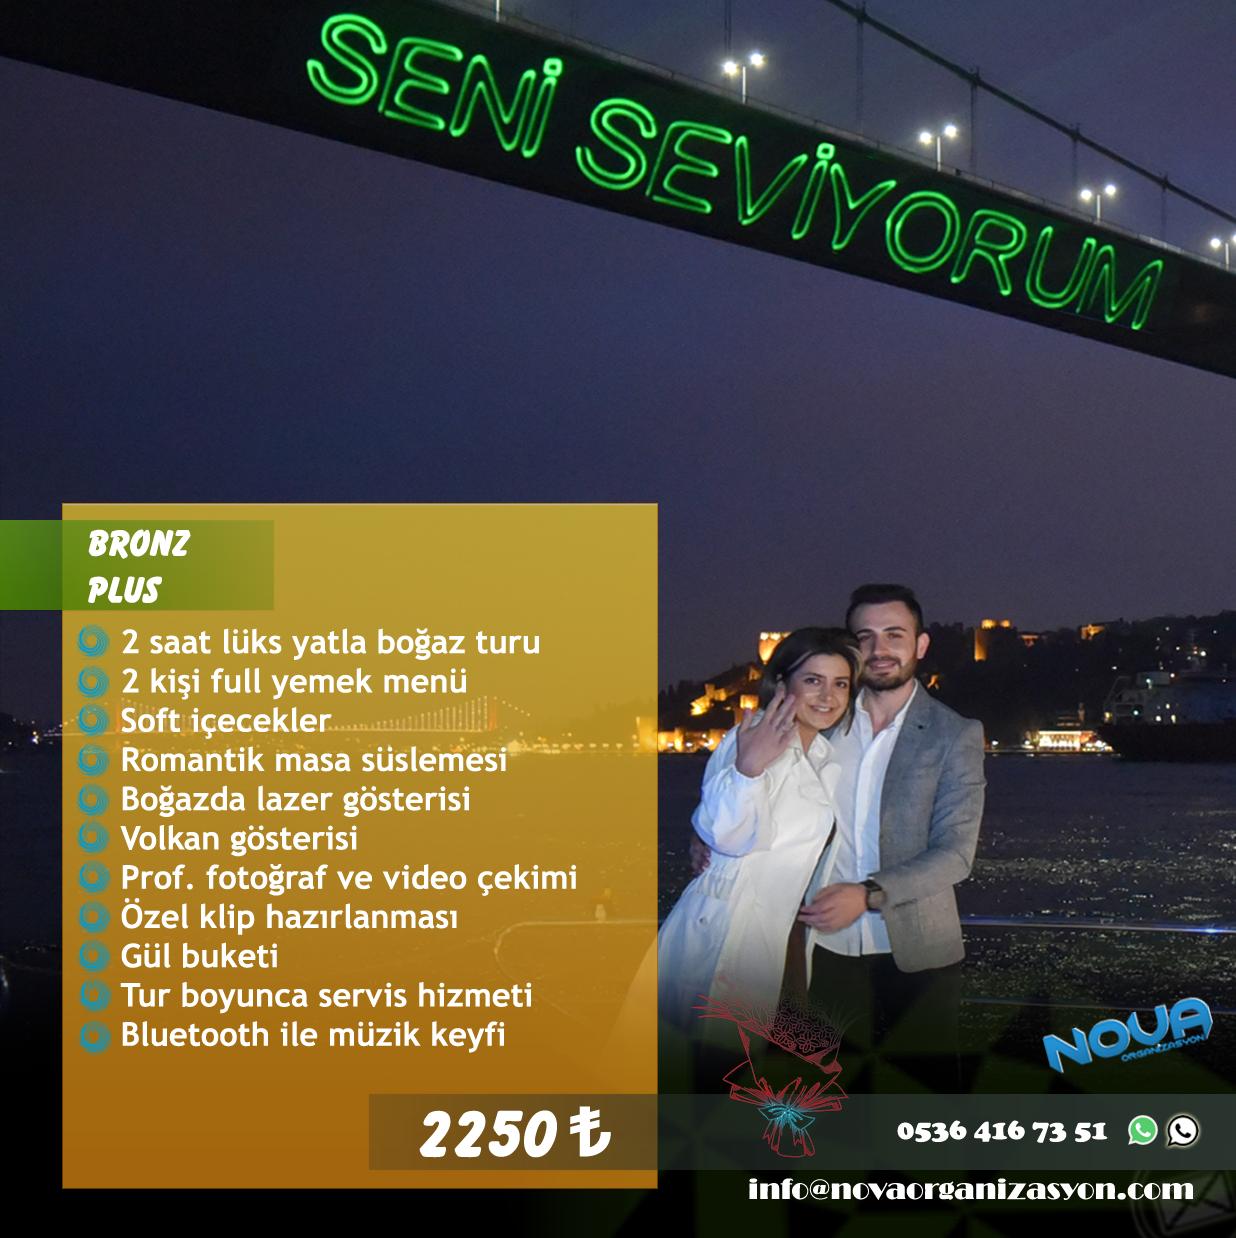 7bronzplus - Yatta Evlilik Teklifi